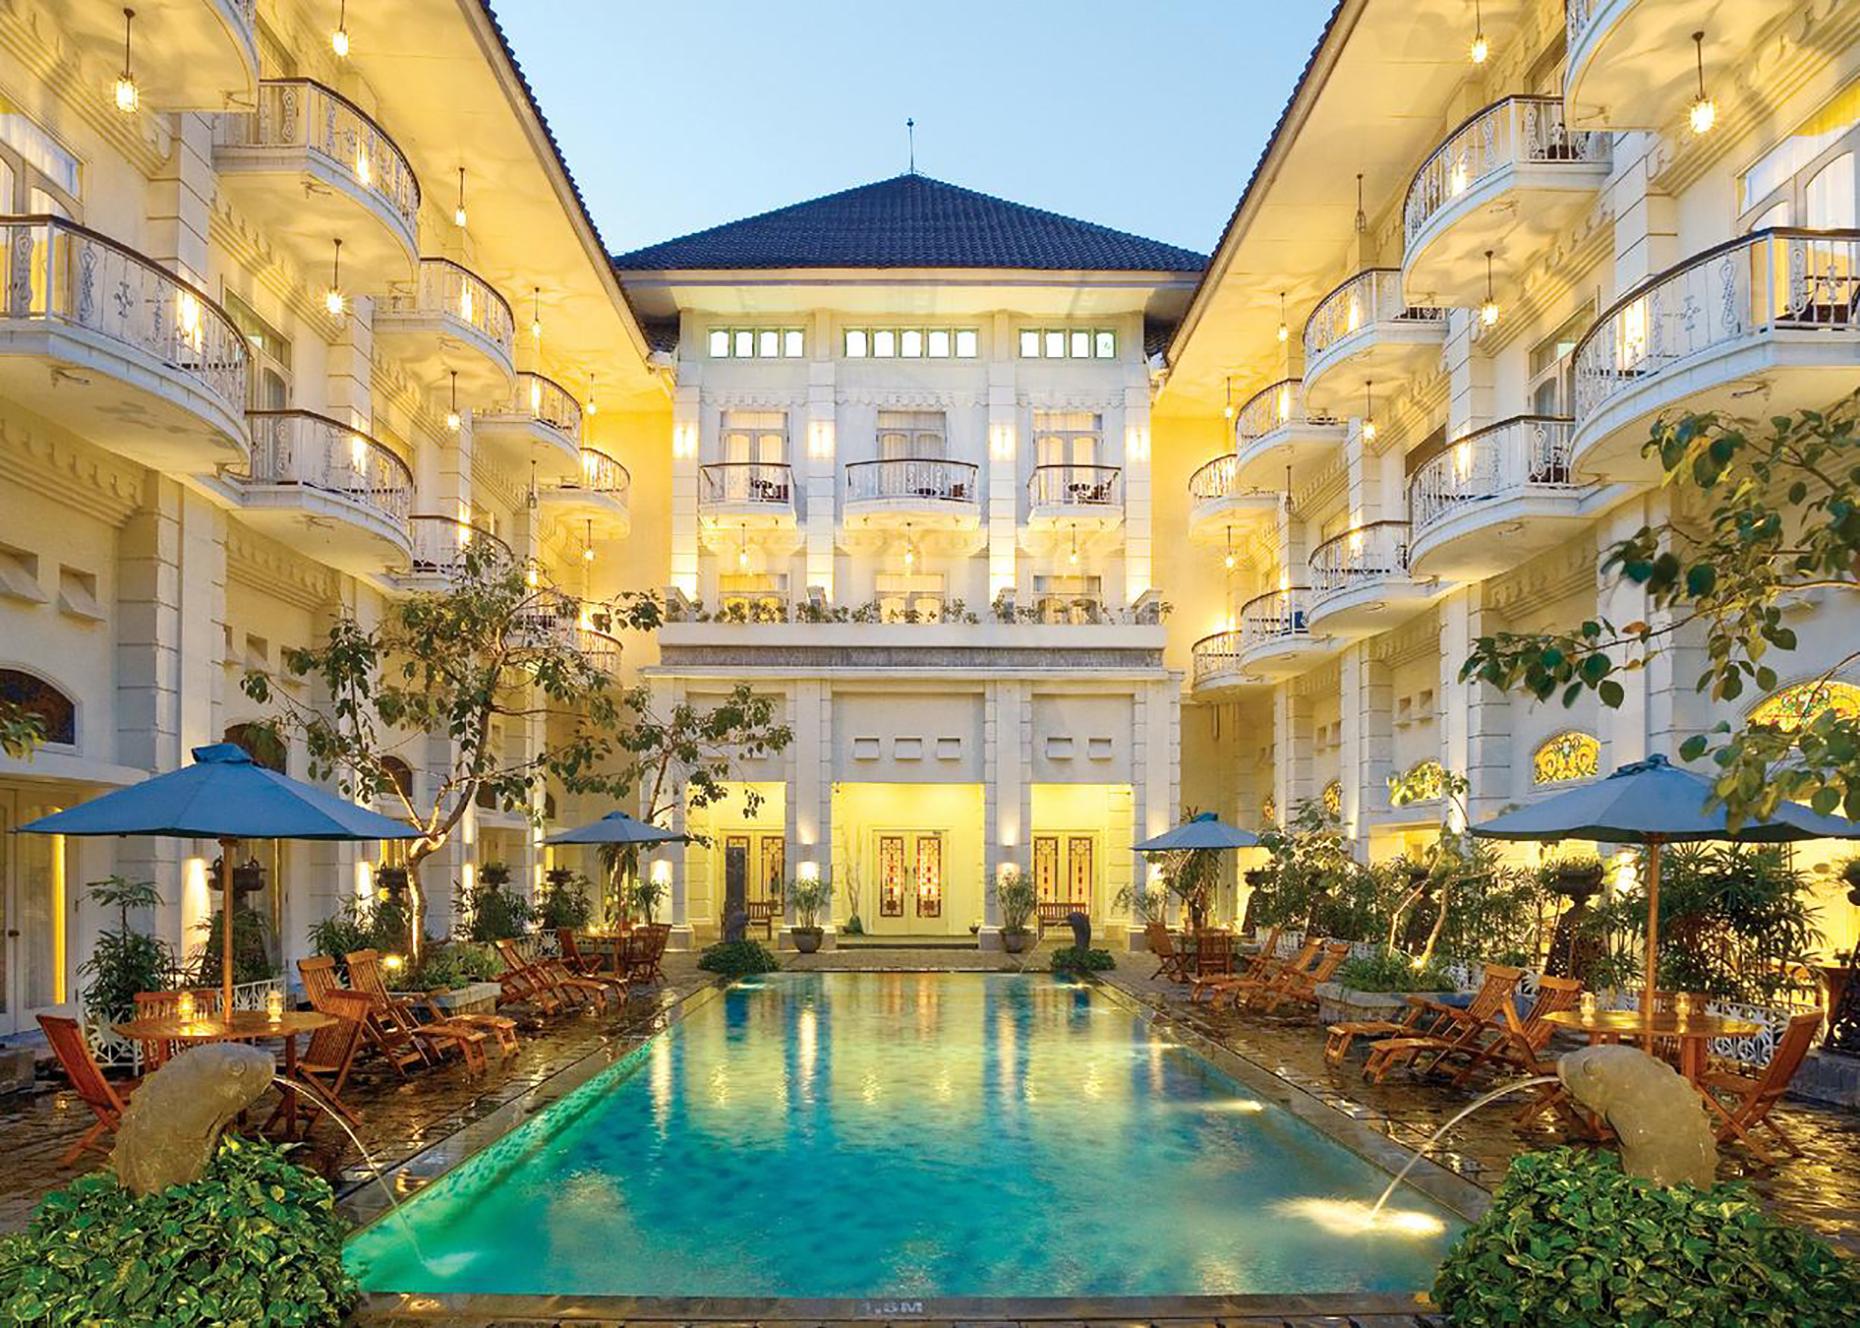 The Phoenix Hotel Yogyakarta (Image: The Phoenix Hotel Yogyakarta/booking.com)